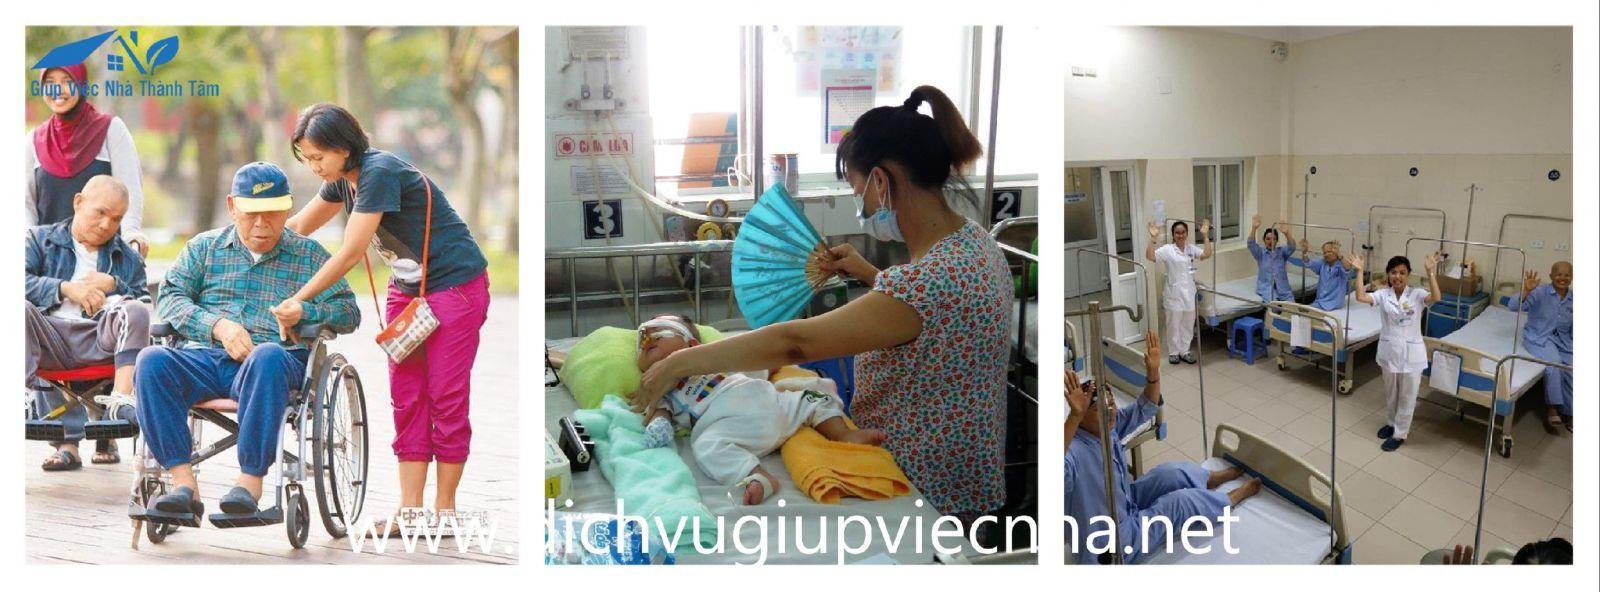 Giúp việc nuôi người bệnh tại quận 11